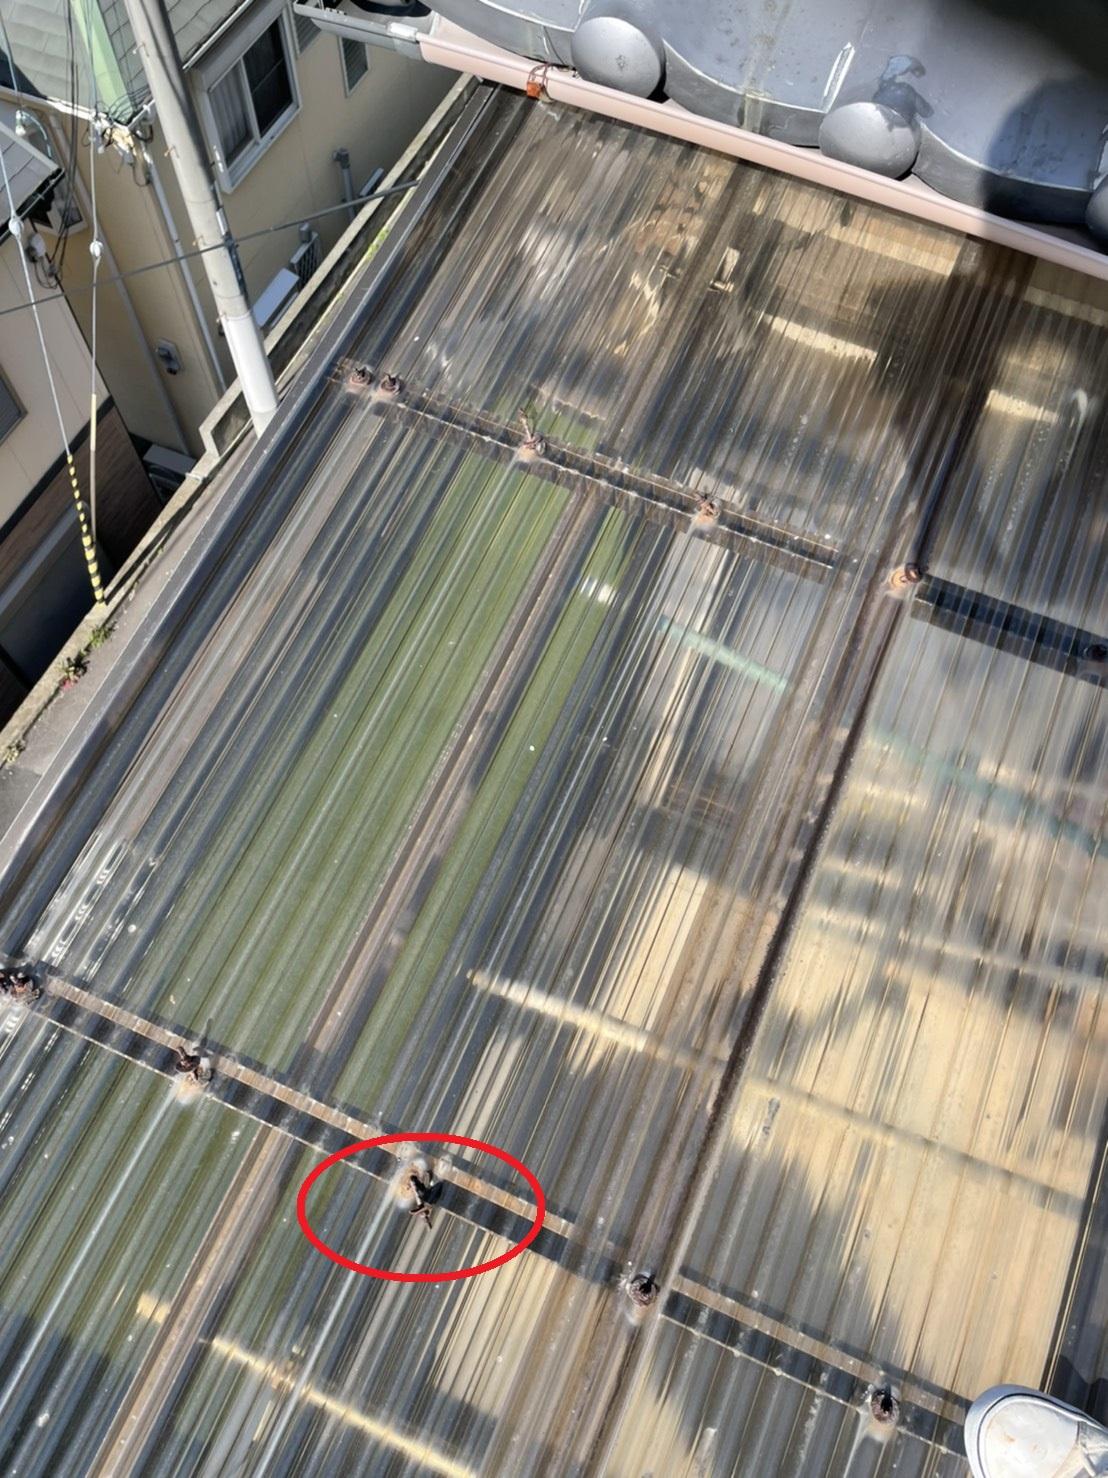 三田市でのベランダ屋根の波板に使用されていた鉄製のボルトが外れている様子